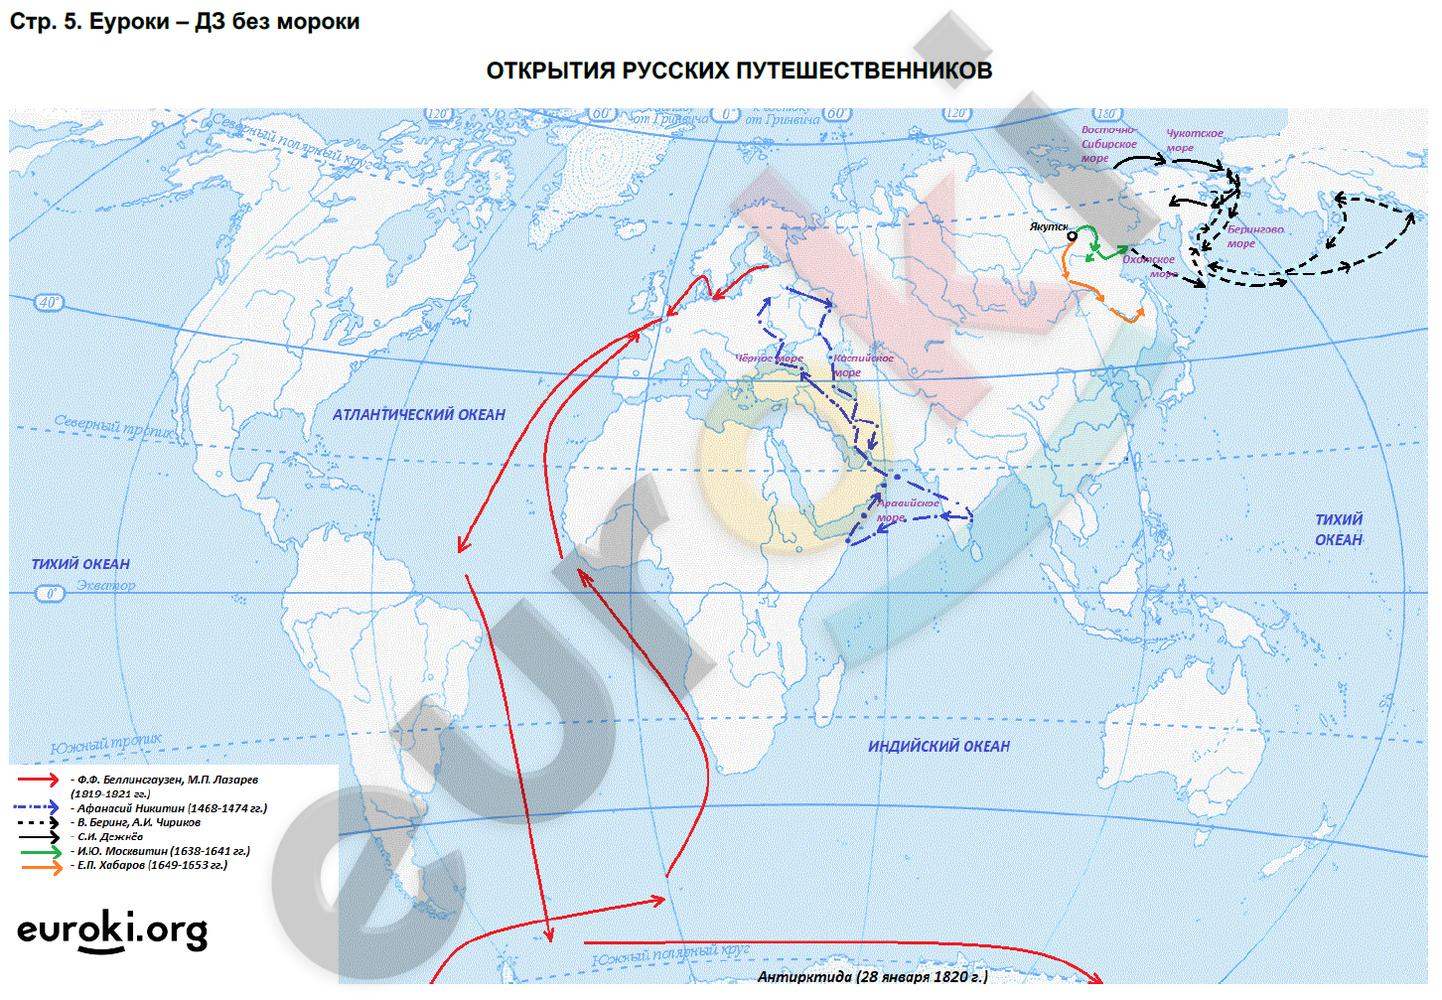 ГДЗ по географии 5 класс контурные карты Румянцев. Задание: стр. 5